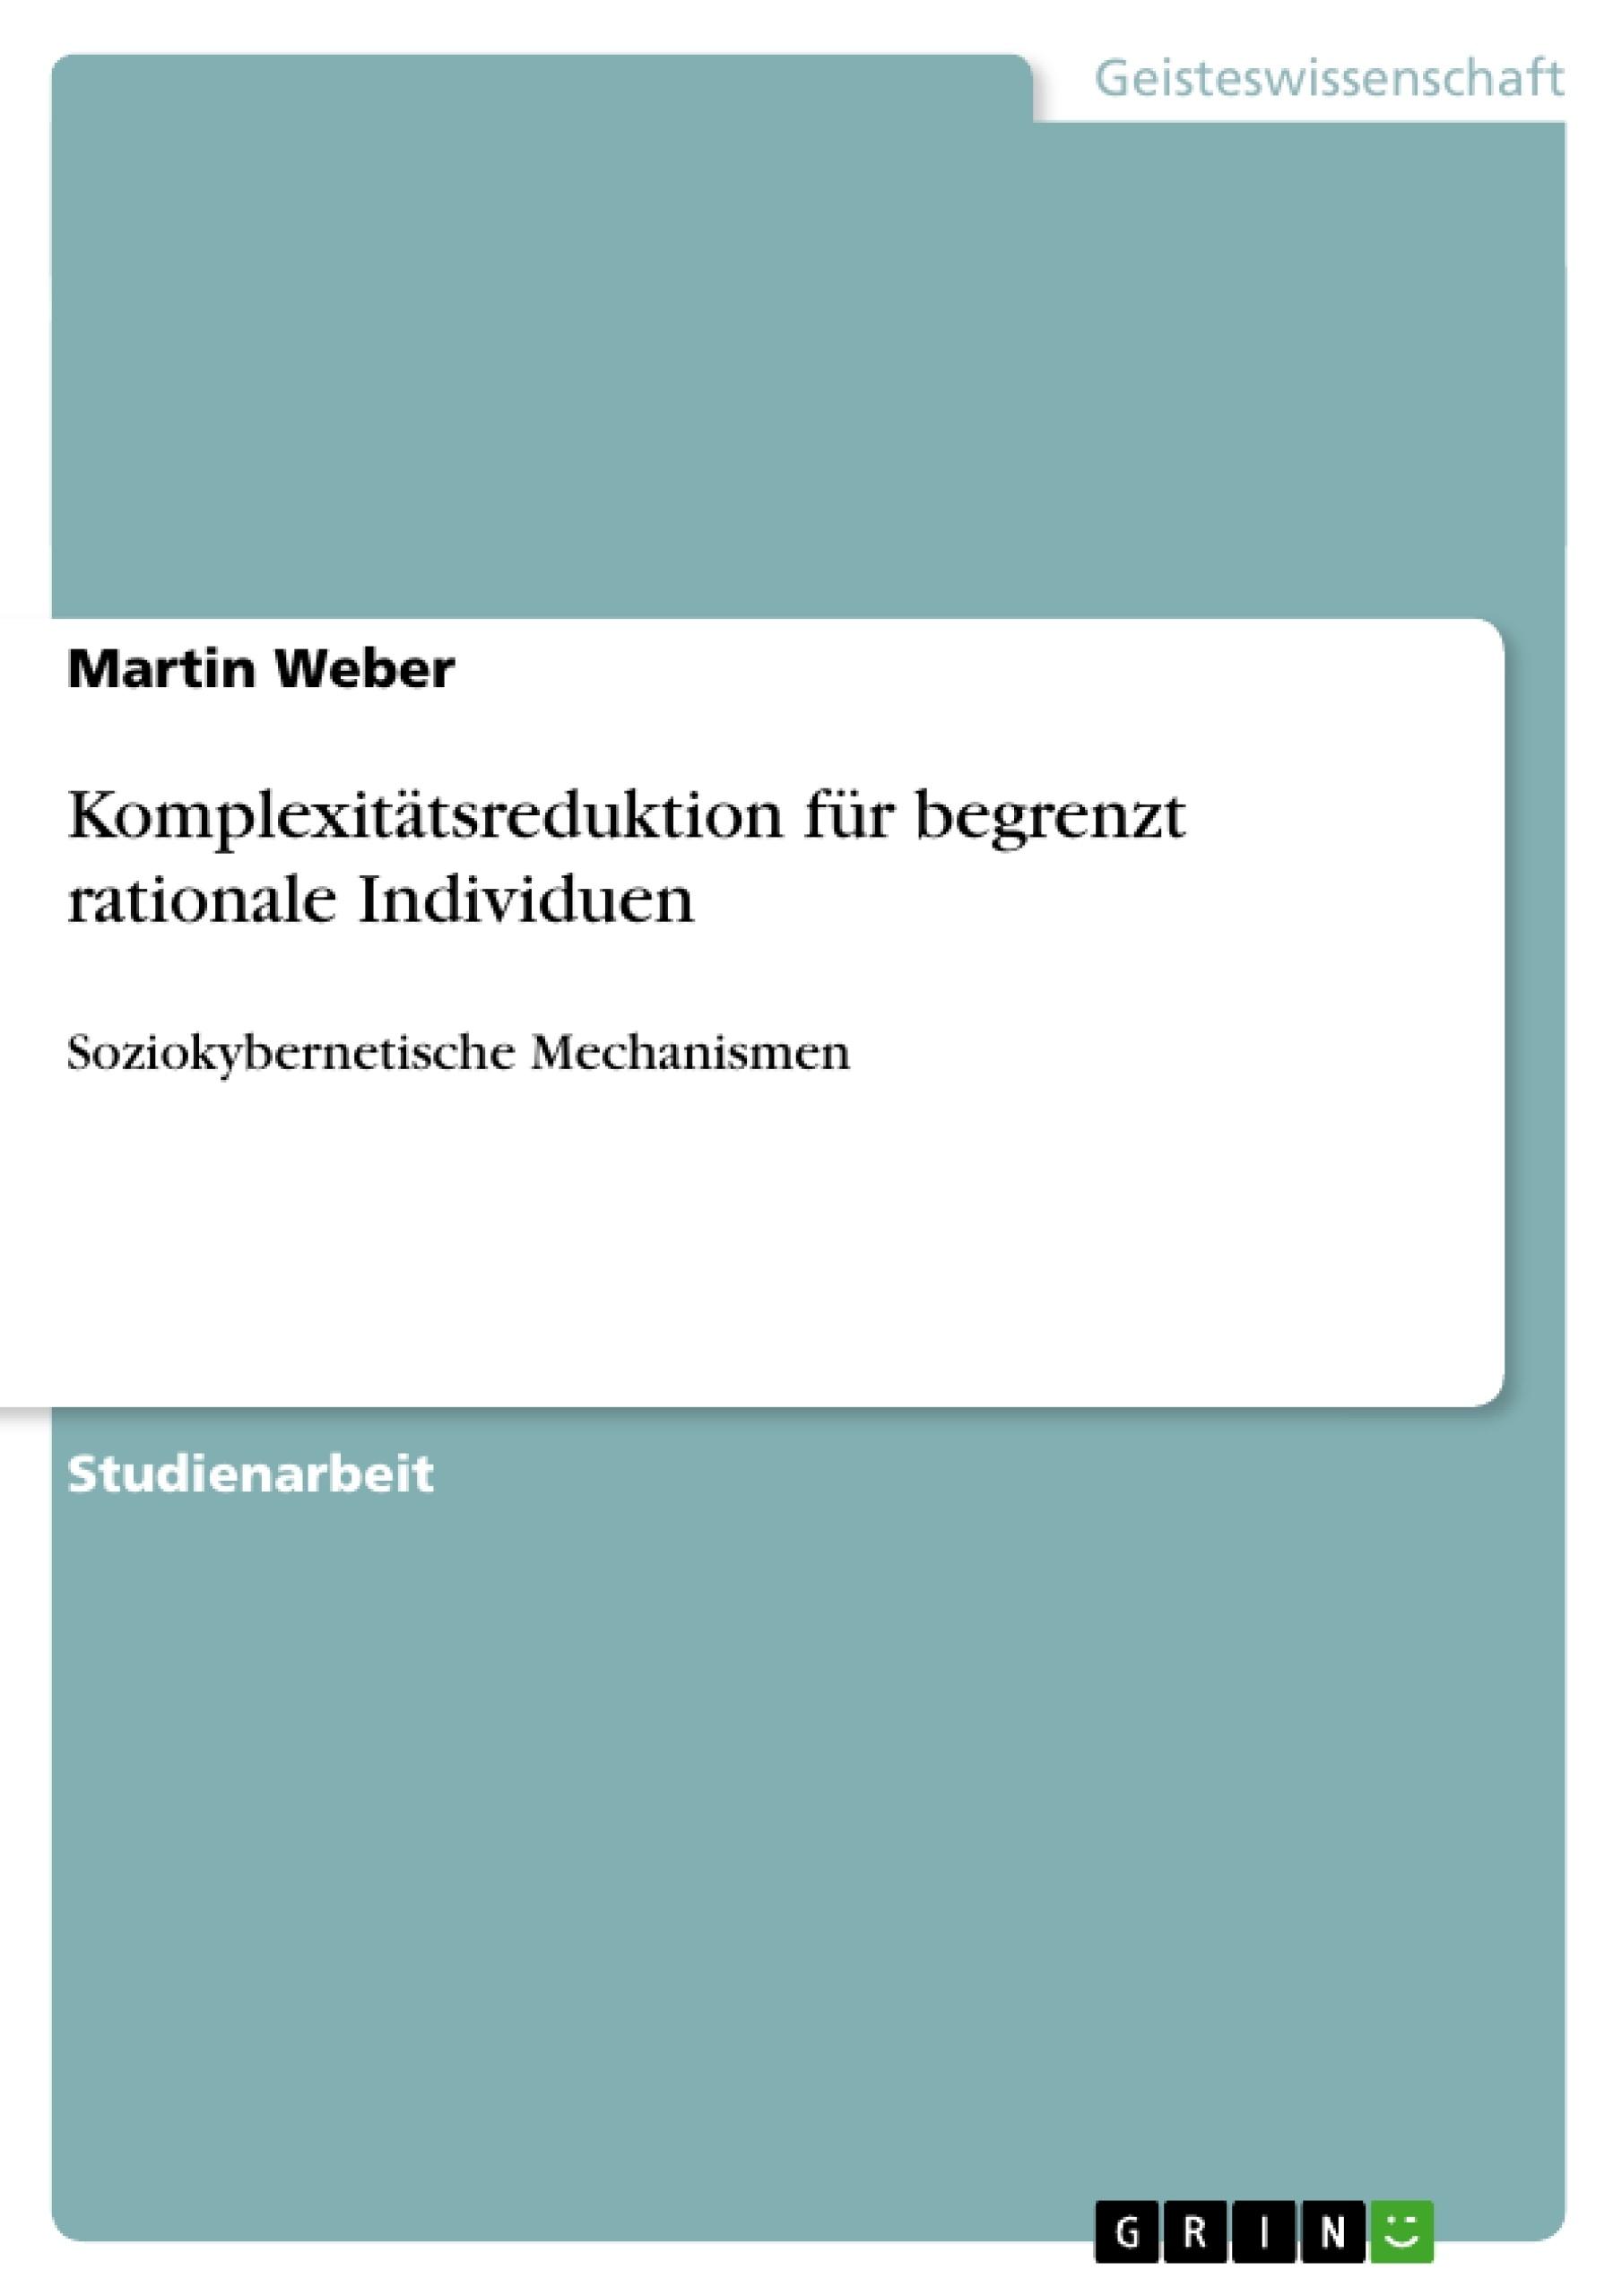 Titel: Komplexitätsreduktion für begrenzt rationale Individuen